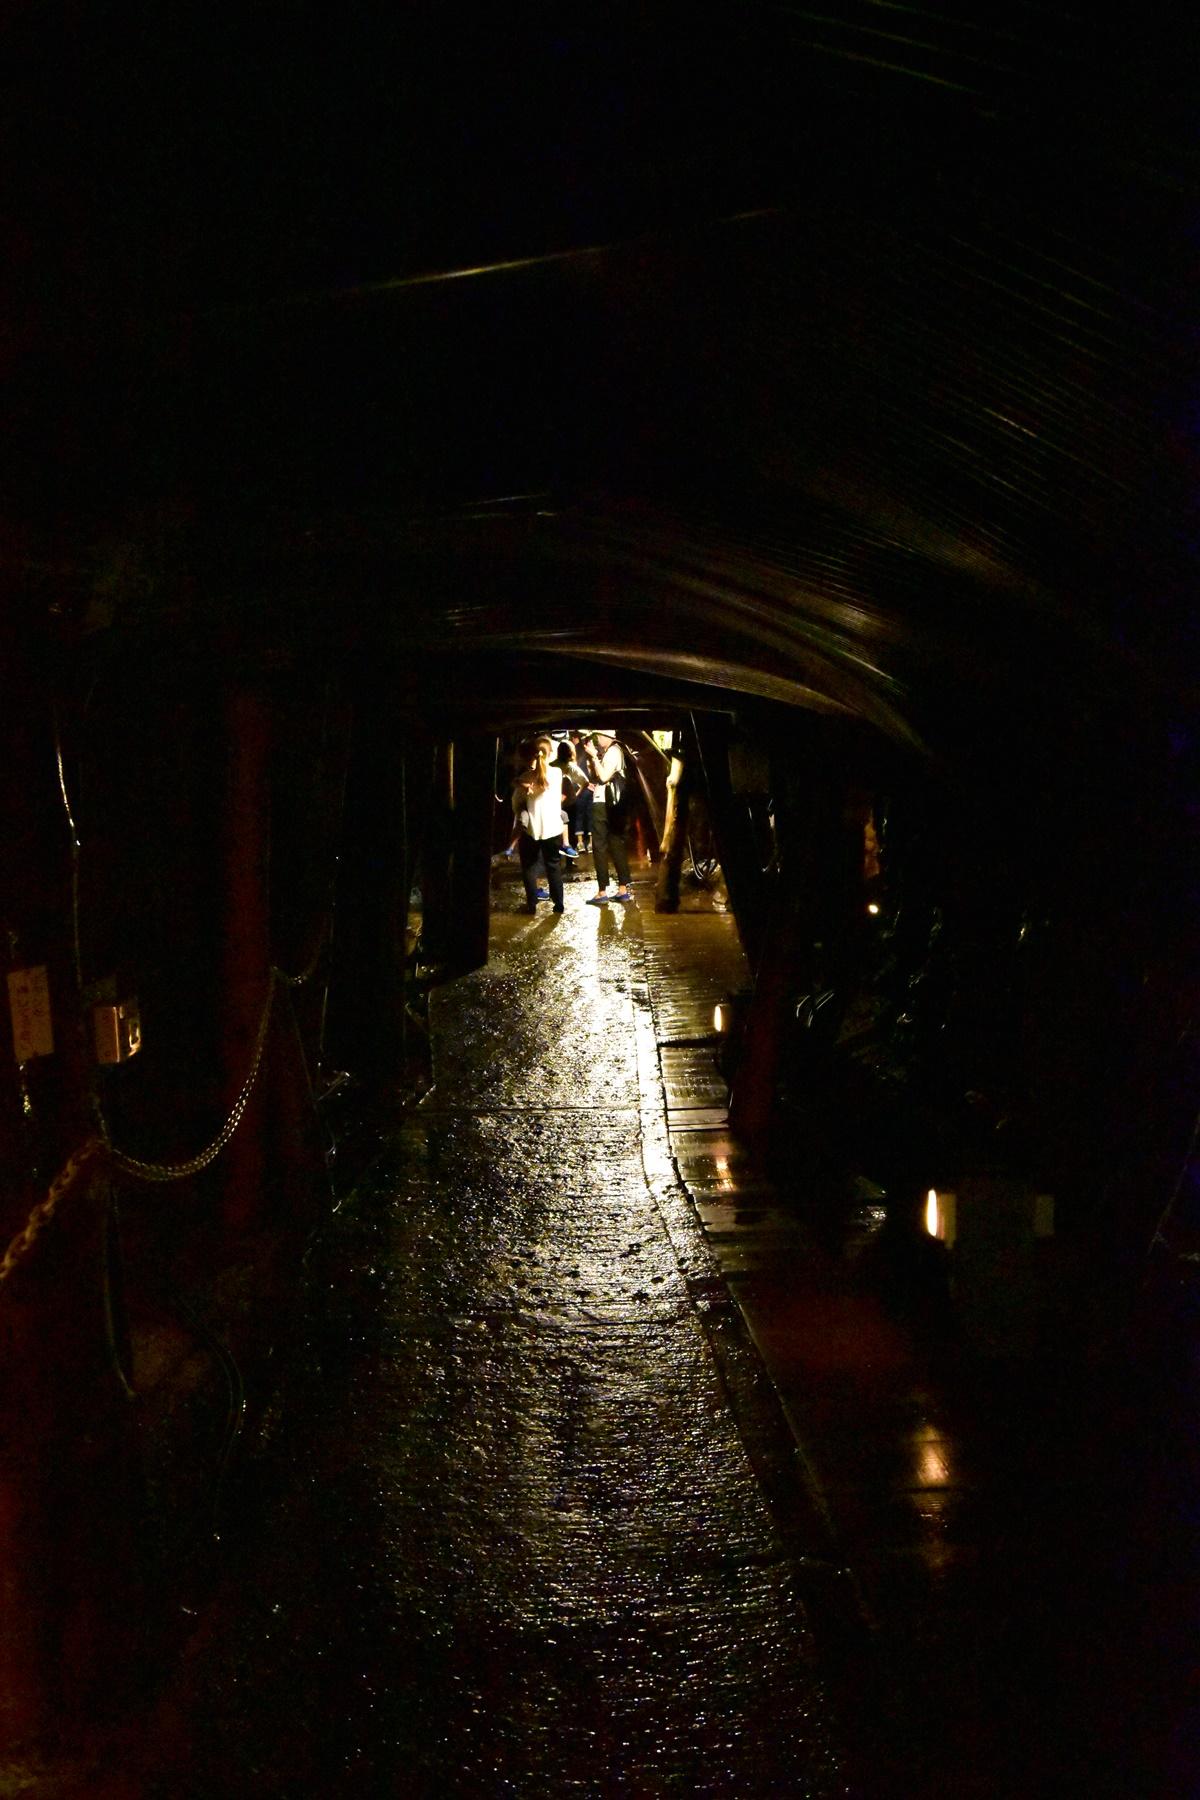 足尾銅山観光 銅山坑道を見学 坑道内